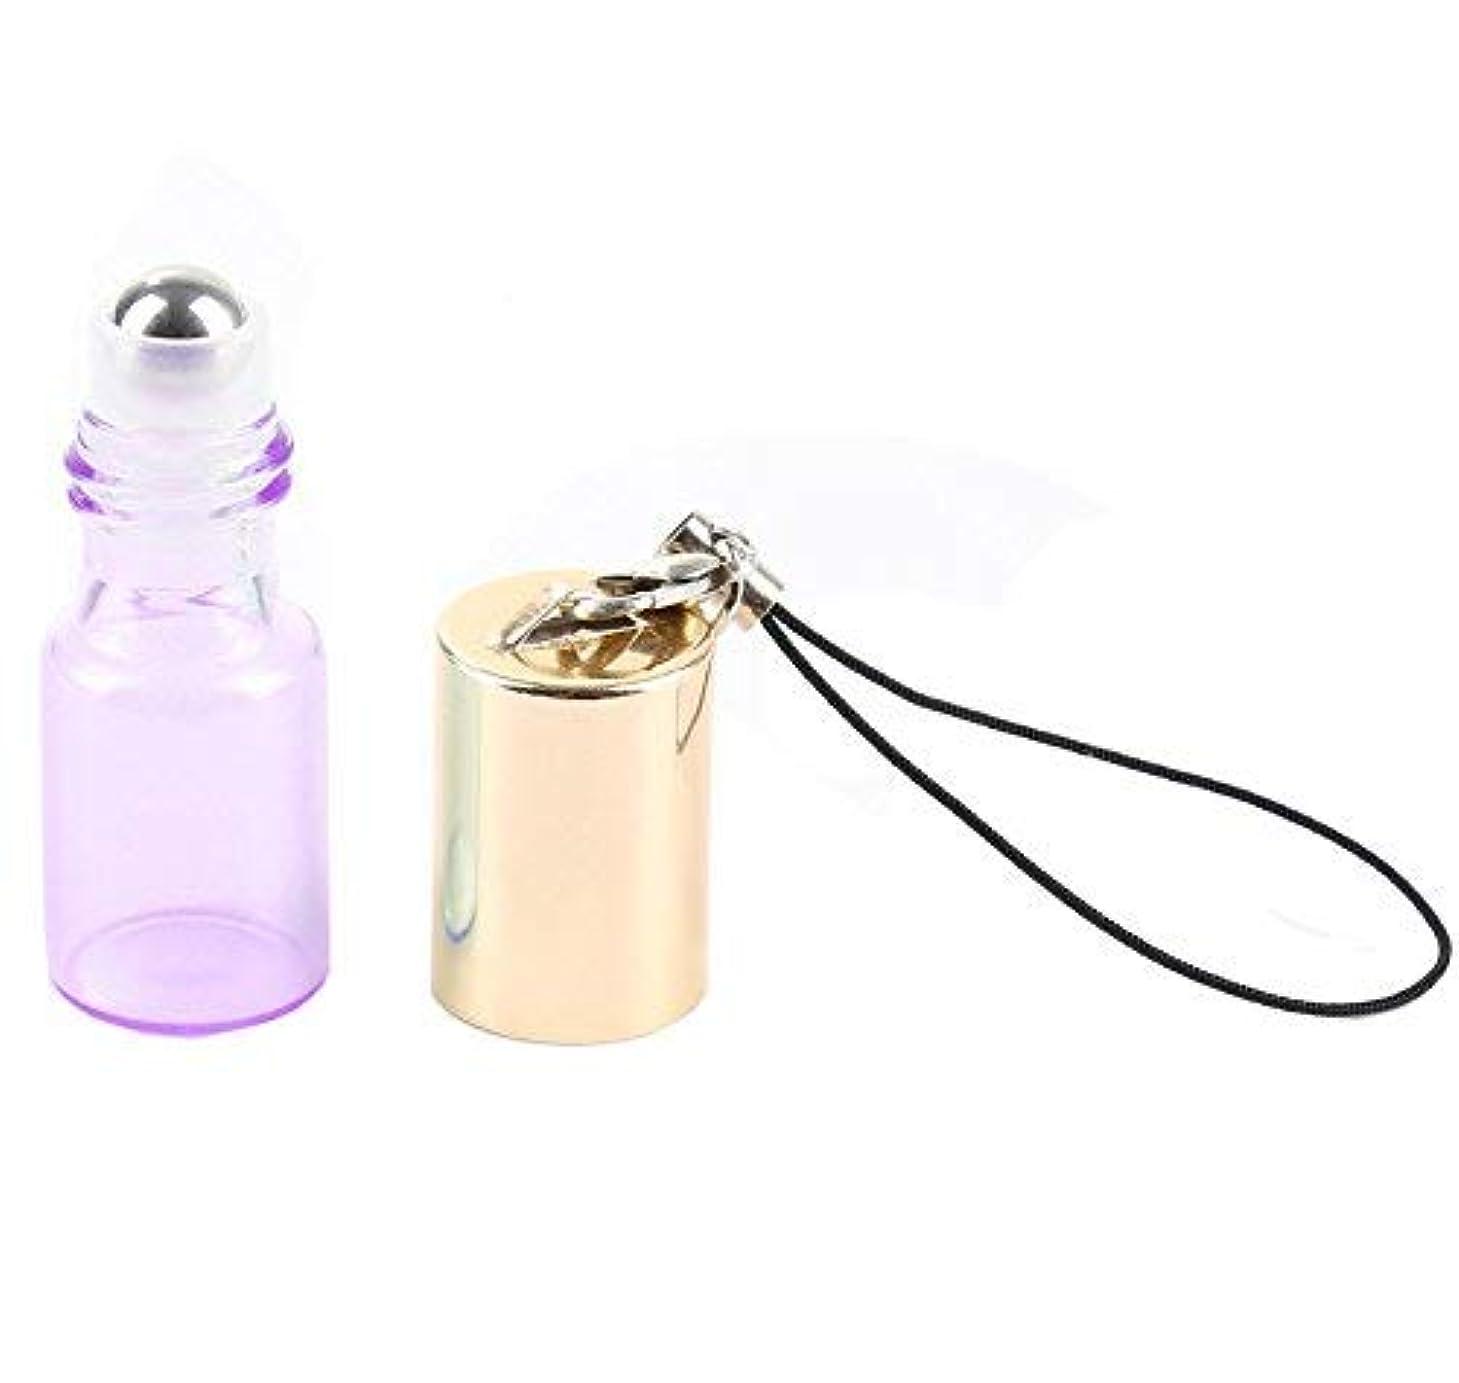 使い込むヶ月目穏やかなEmpty Roller Bottles - Pack of 12 3ml Pearl Colored Glass Roll-on Bottles for Essential Oil Container with Golden...